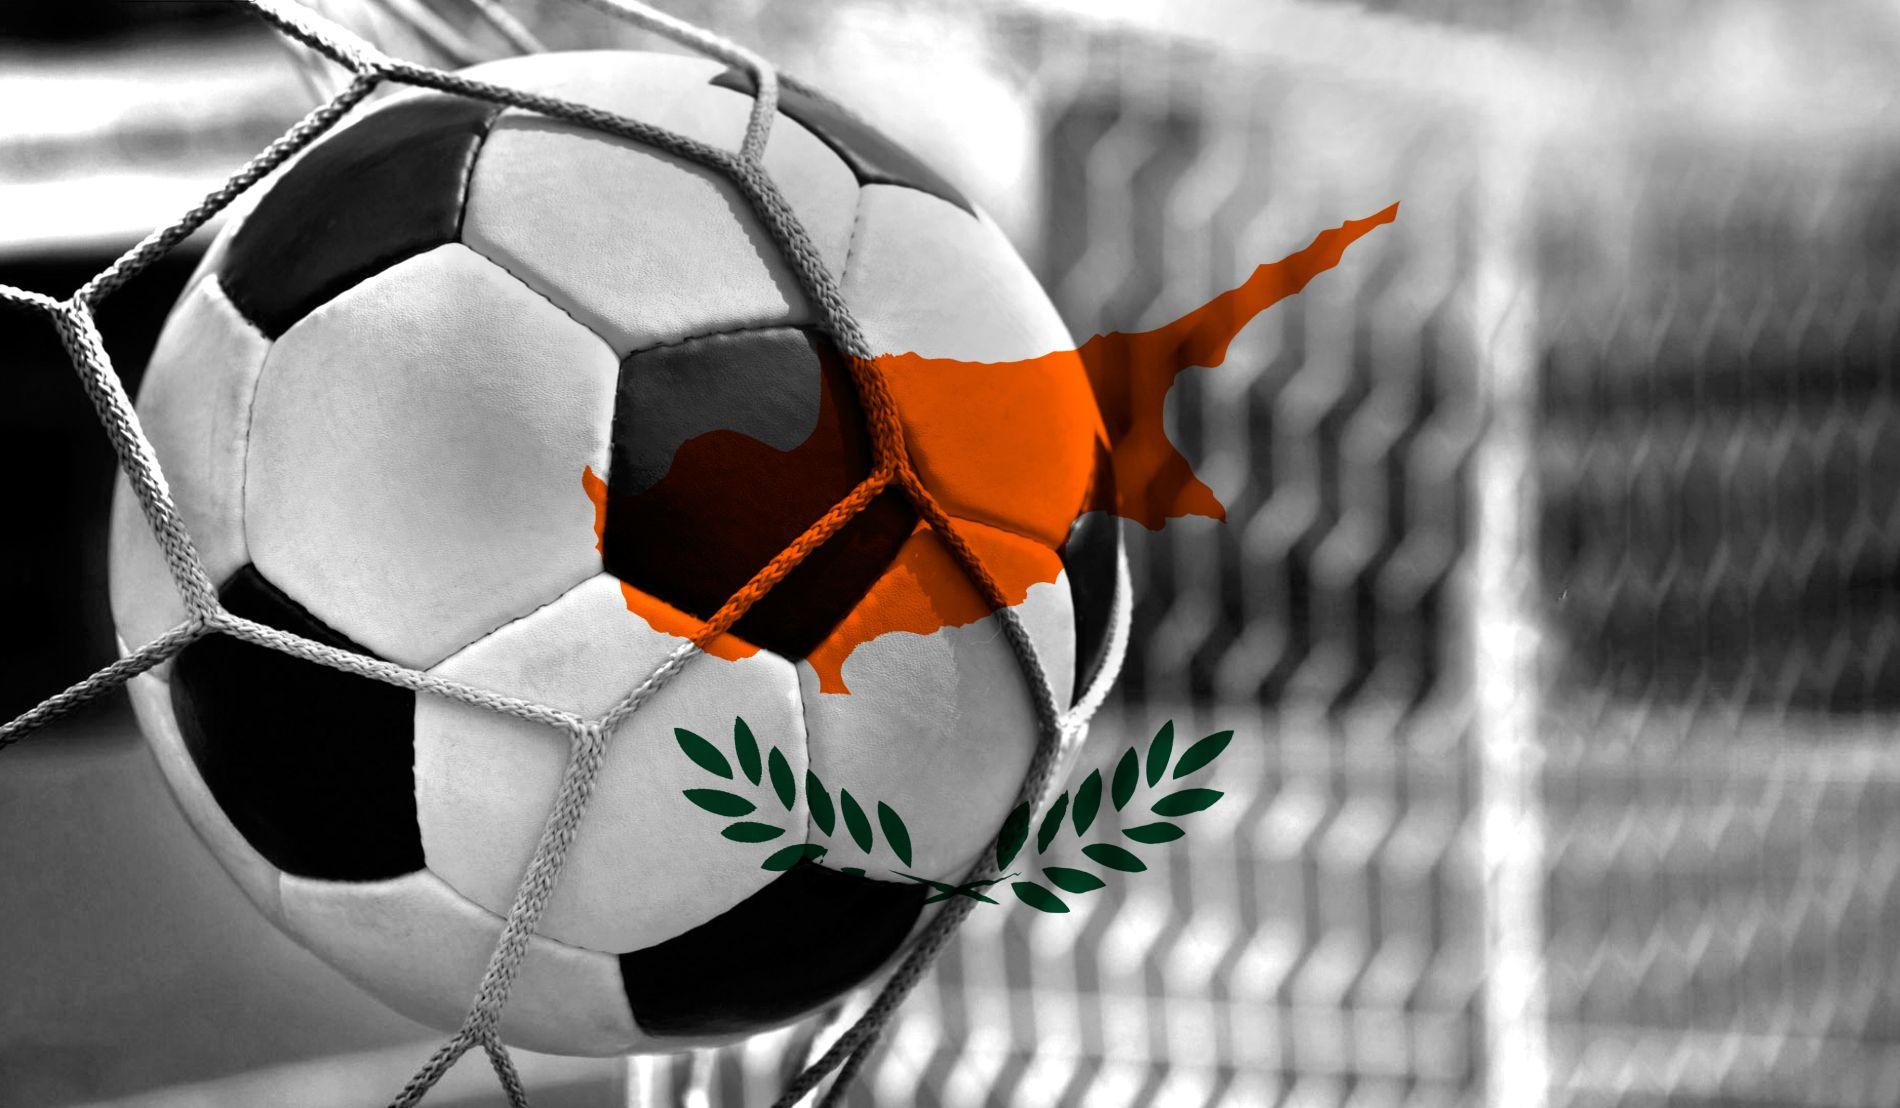 Η ποδοσφαιρική βιομηχανία στην Κύπρο